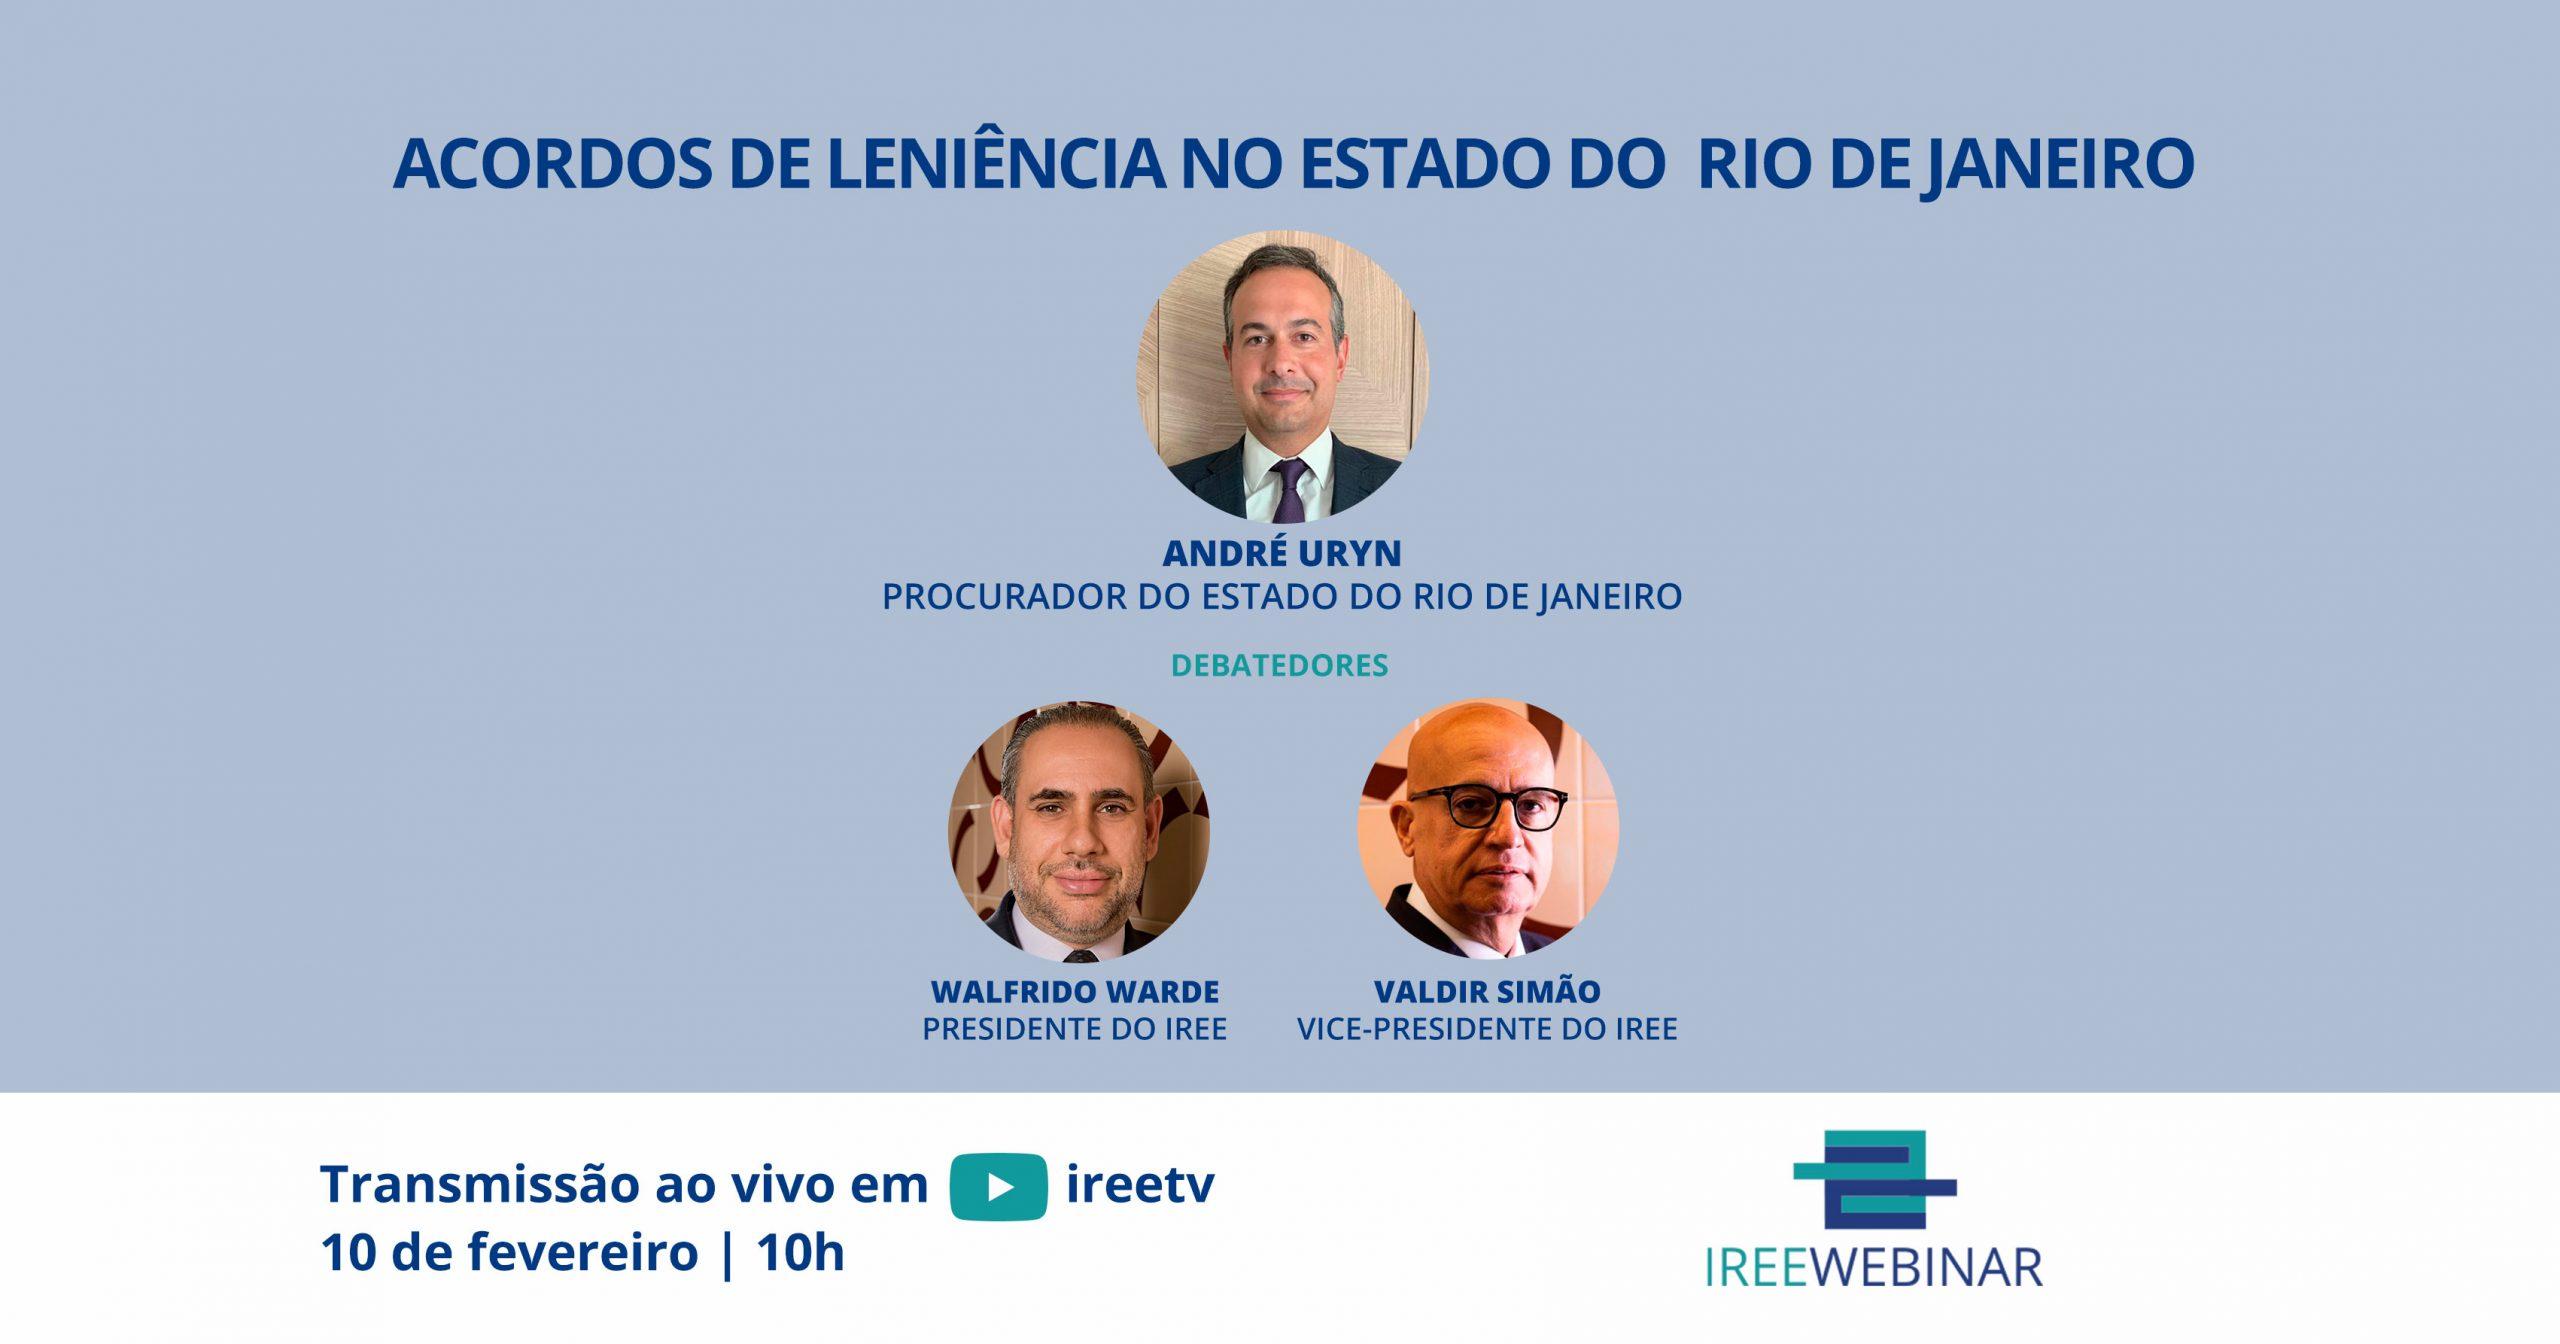 IREE Webinar: Acordos de Leniência no Estado do Rio de Janeiro